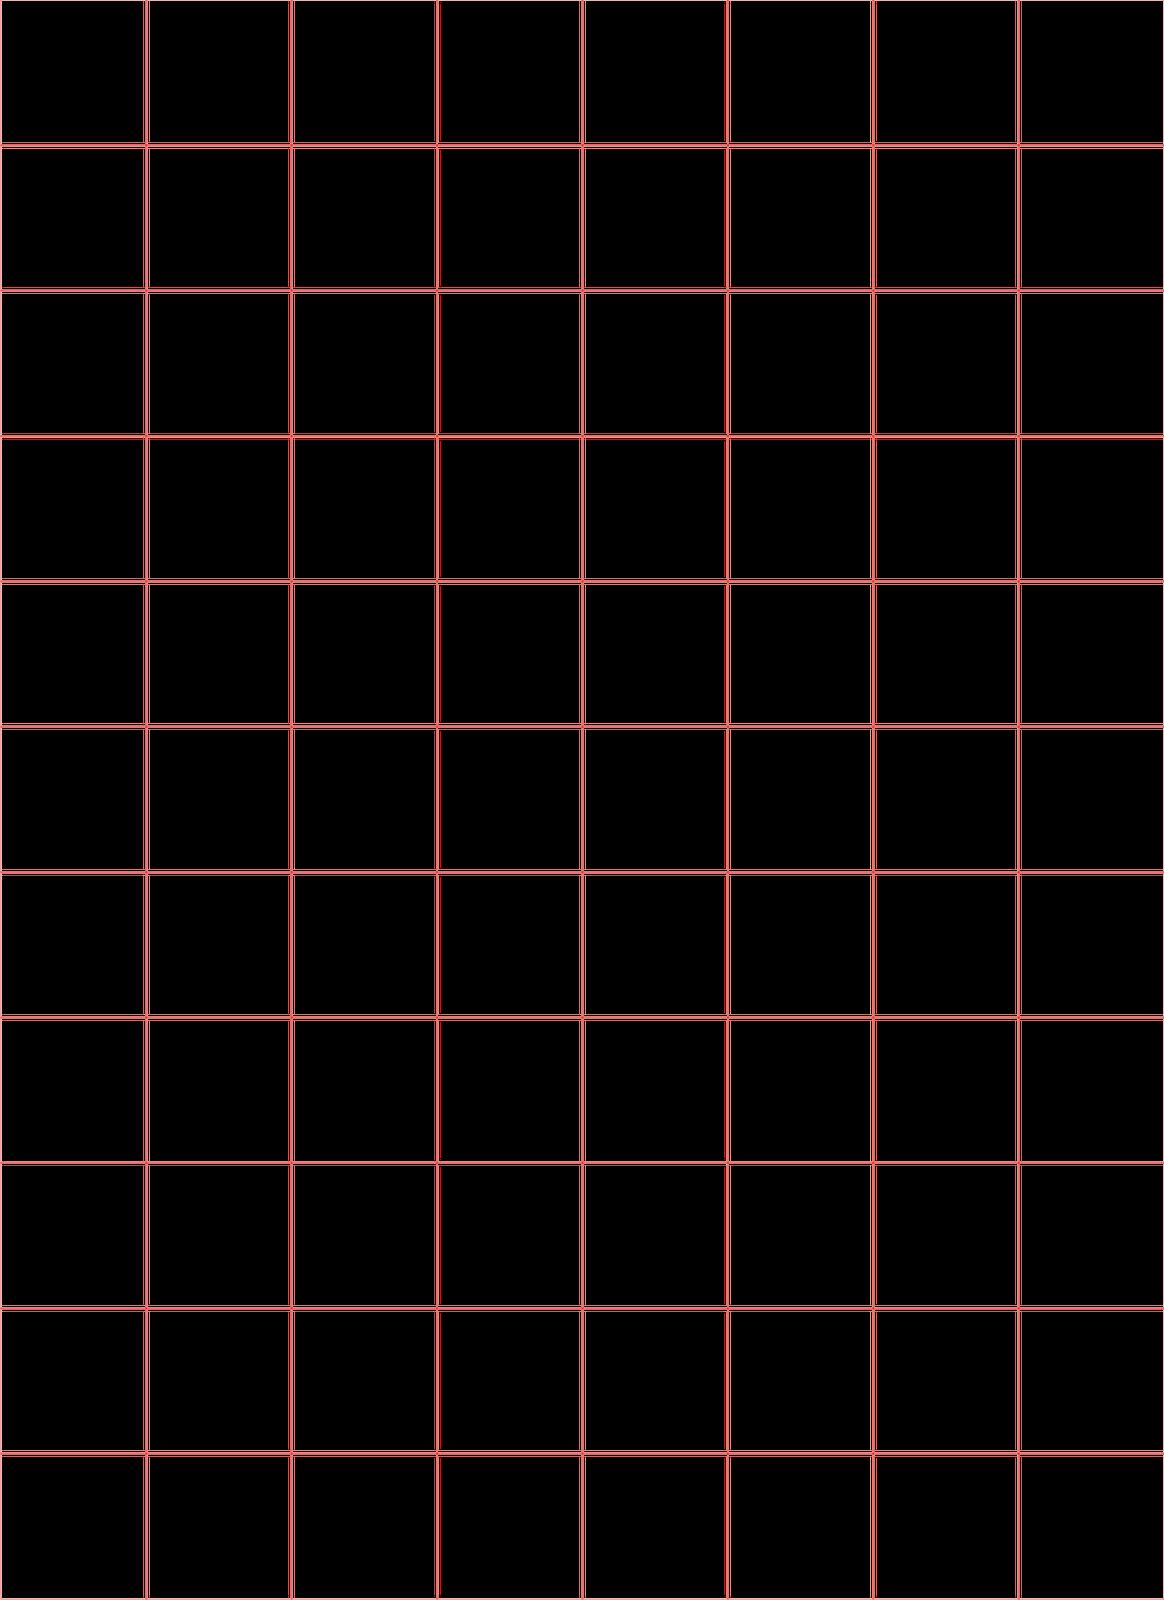 Grid Png 1 164 1 600 Pixels Grid Wallpaper Textured Wallpaper Colorful Wallpaper